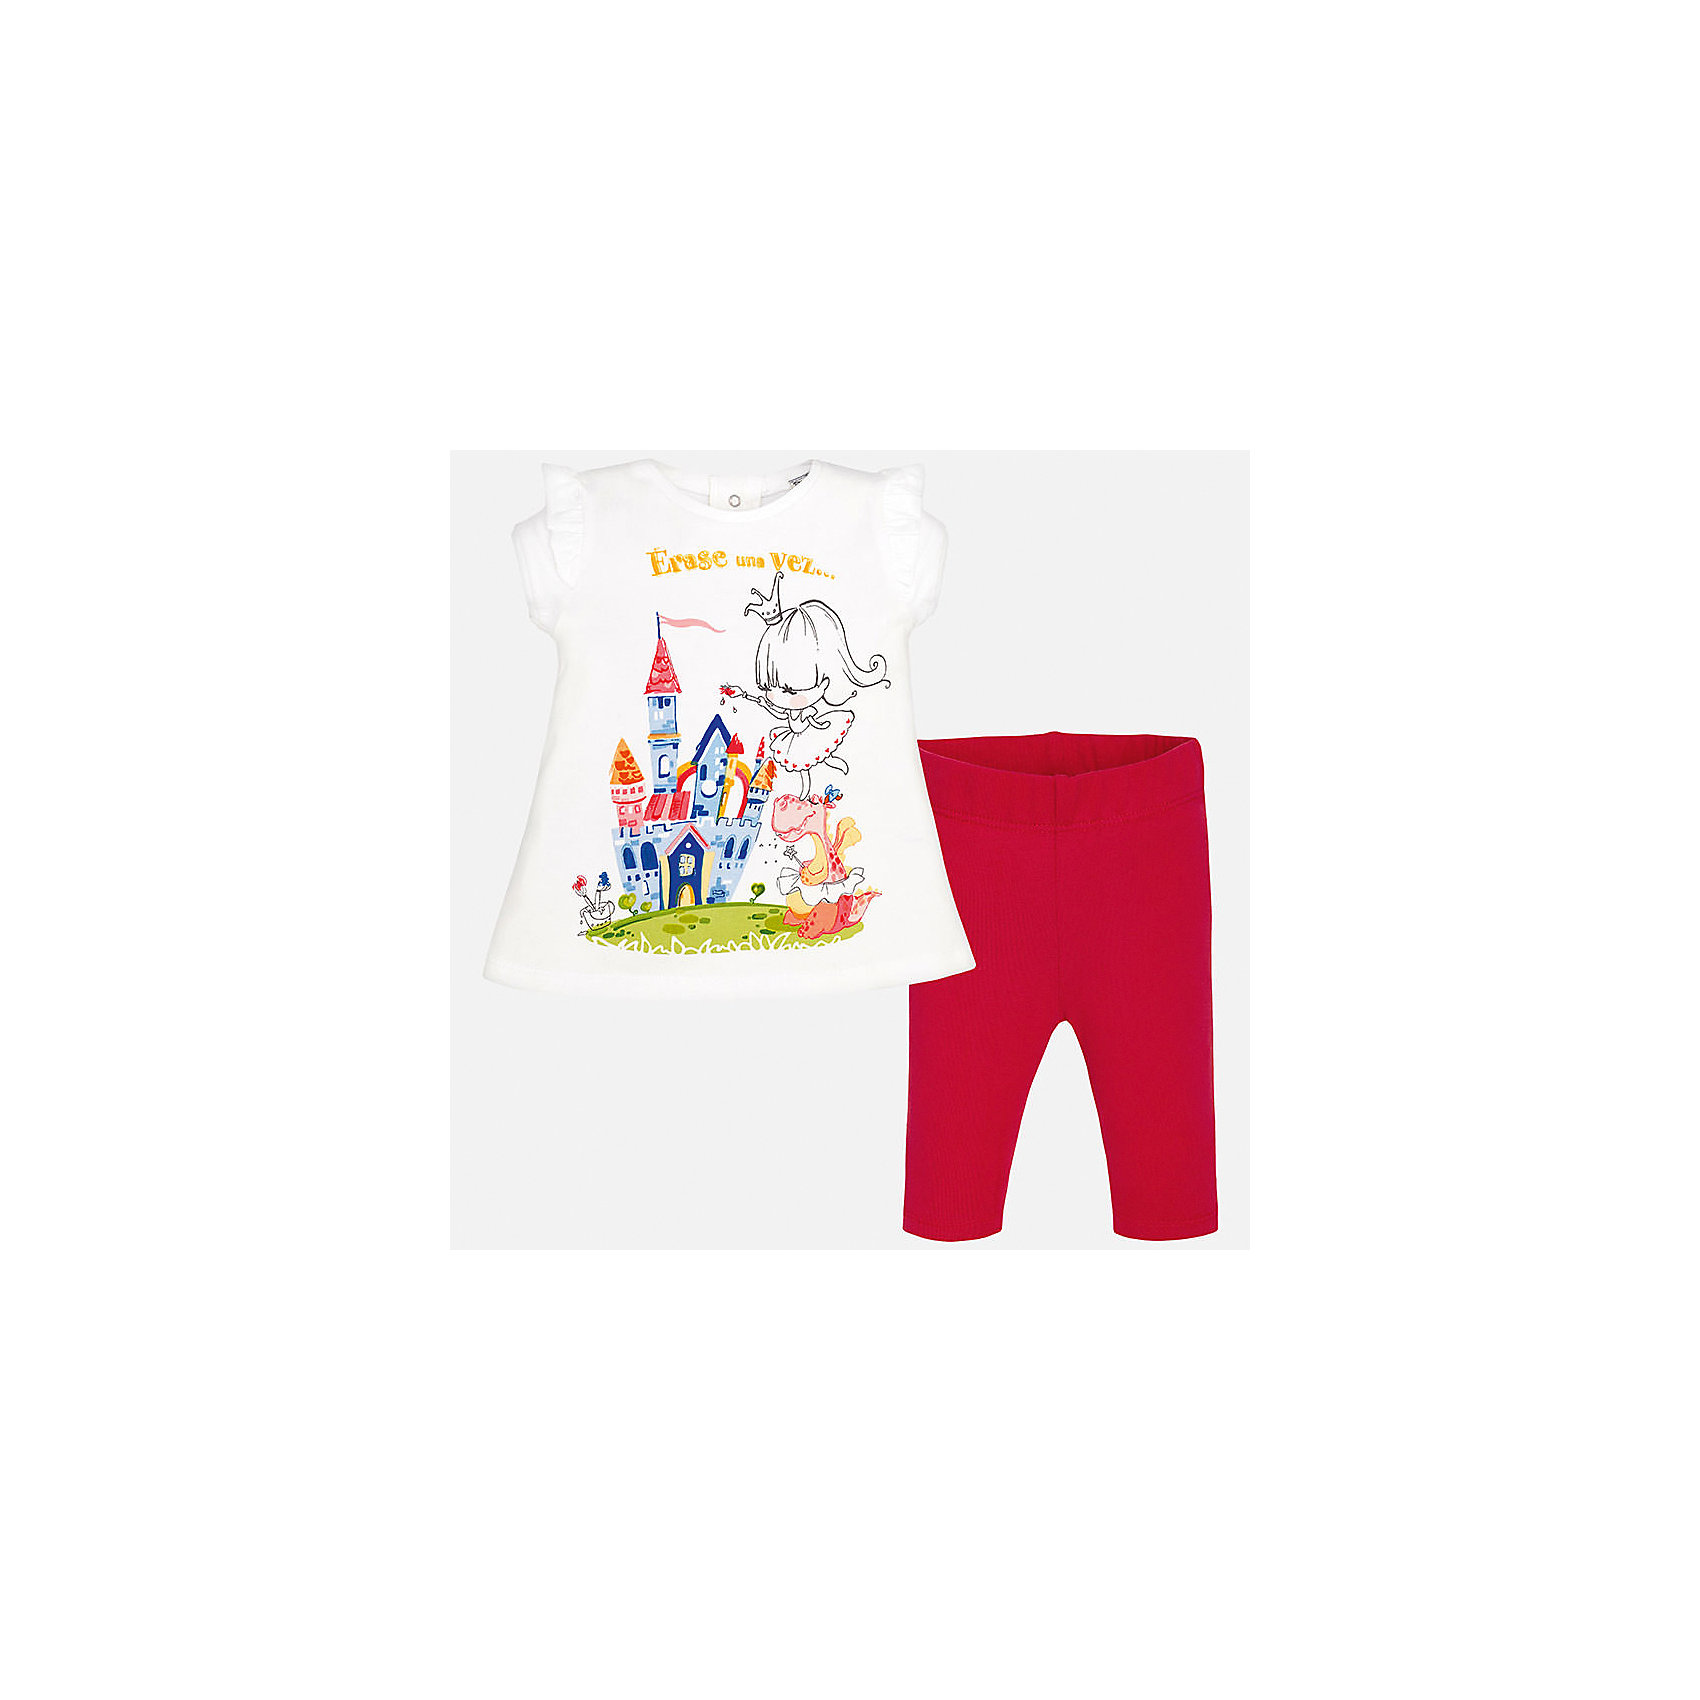 Комплект: футболка и леггинсы для девочки MayoralХарактеристики товара:<br><br>• цвет: белый/красный<br>• состав: 98% хлопок, 2% эластан<br>• комплектация: футболка и леггинсы<br>• футболка декорирована принтом<br>• леггинсы однотонные<br>• пояс на резинке<br>• страна бренда: Испания<br><br>Стильный качественный комплект для девочки поможет разнообразить гардероб ребенка и удобно одеться в теплую погоду. Он отлично сочетается с другими предметами. Универсальный цвет позволяет подобрать к вещам верхнюю одежду практически любой расцветки. Интересная отделка модели делает её нарядной и оригинальной. В составе материала - натуральный хлопок, гипоаллергенный, приятный на ощупь, дышащий.<br><br>Одежда, обувь и аксессуары от испанского бренда Mayoral полюбились детям и взрослым по всему миру. Модели этой марки - стильные и удобные. Для их производства используются только безопасные, качественные материалы и фурнитура. Порадуйте ребенка модными и красивыми вещами от Mayoral! <br><br>Комплект: футболка и леггинсы для девочки от испанского бренда Mayoral (Майорал) можно купить в нашем интернет-магазине.<br><br>Ширина мм: 123<br>Глубина мм: 10<br>Высота мм: 149<br>Вес г: 209<br>Цвет: красный<br>Возраст от месяцев: 18<br>Возраст до месяцев: 24<br>Пол: Женский<br>Возраст: Детский<br>Размер: 92,74,80,86<br>SKU: 5289074